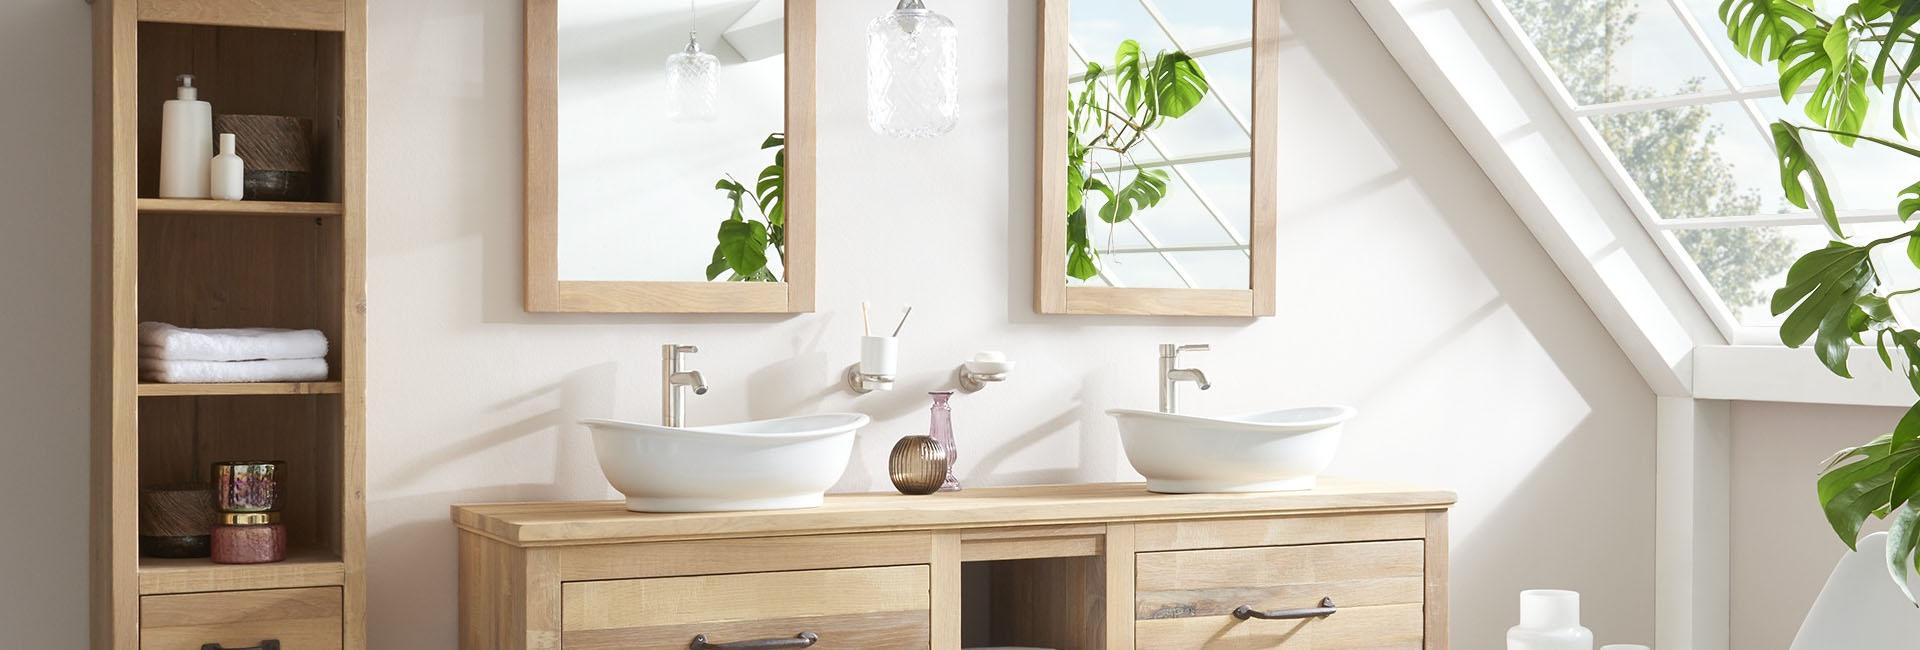 Badmöbel - Bei Möbel Kraft online kaufen